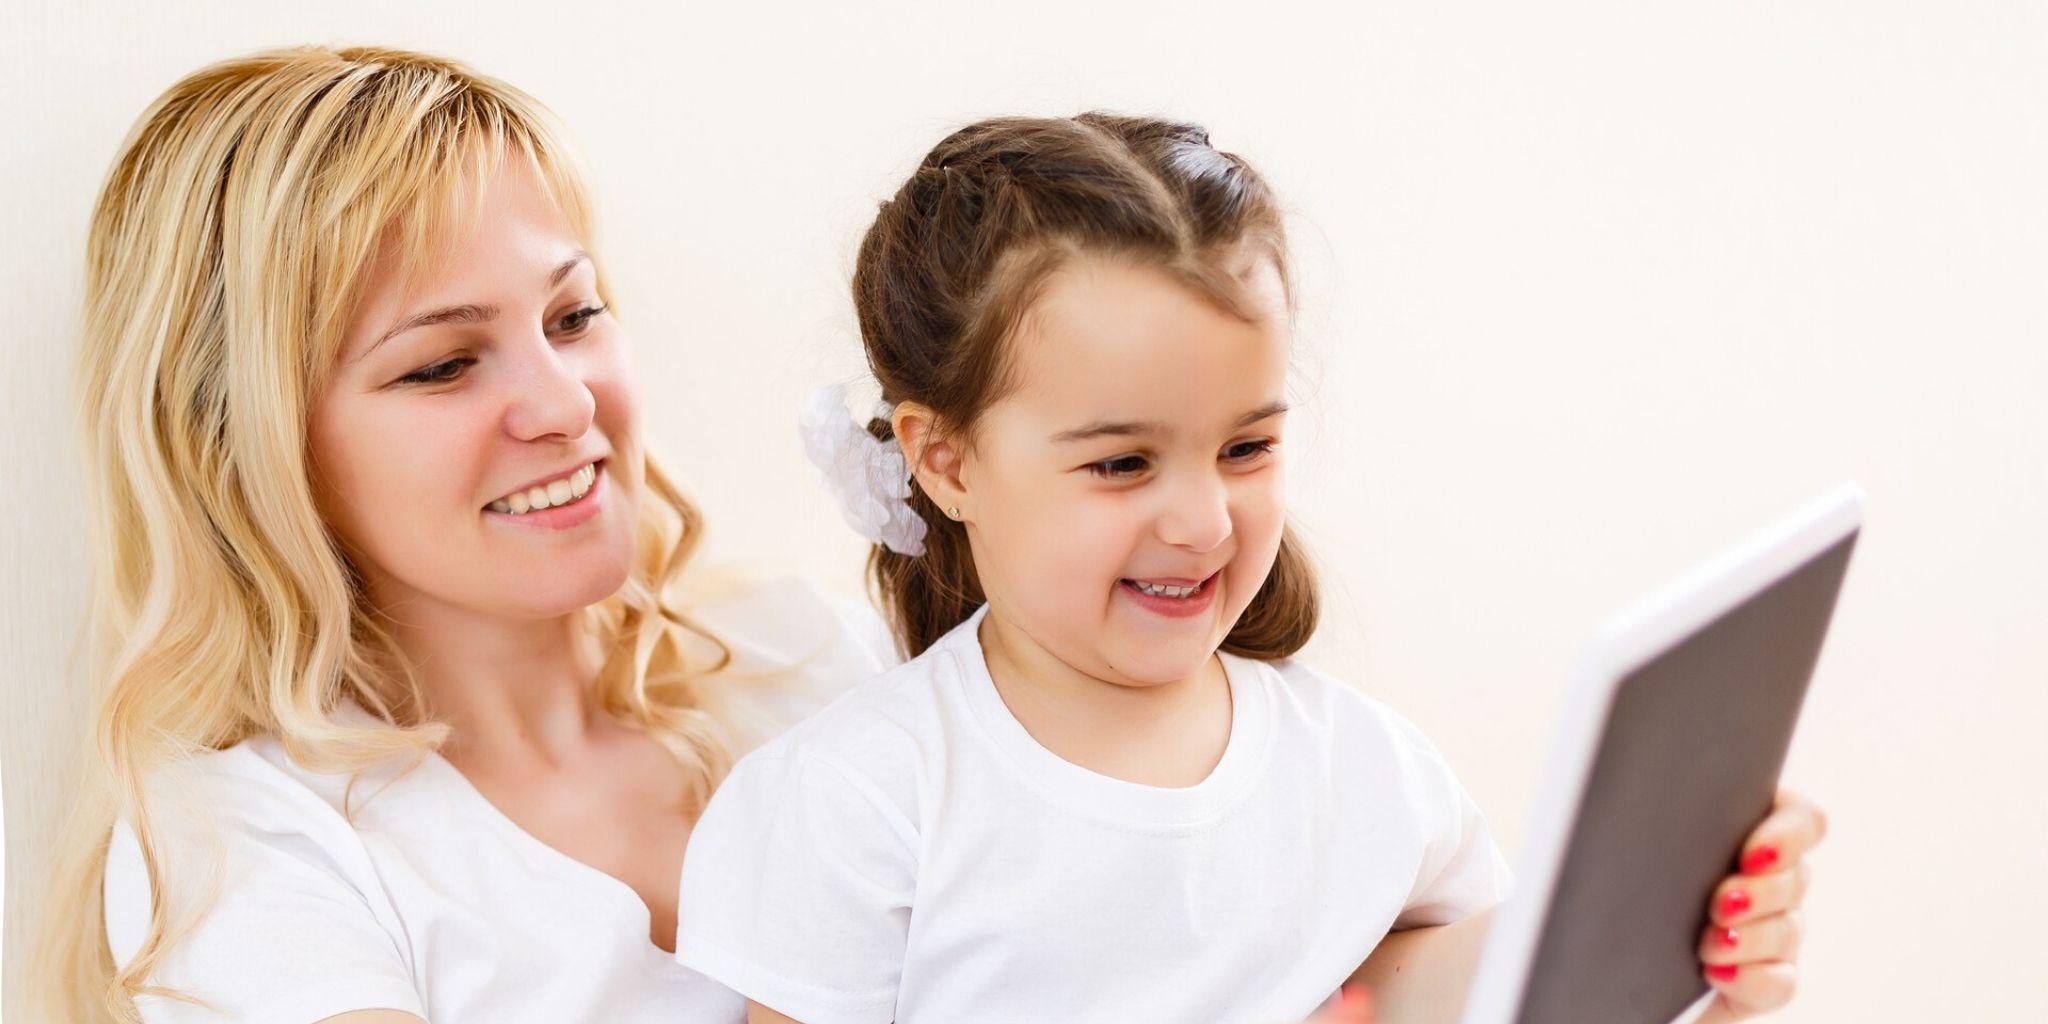 Učte své děti o online bezpečnosti